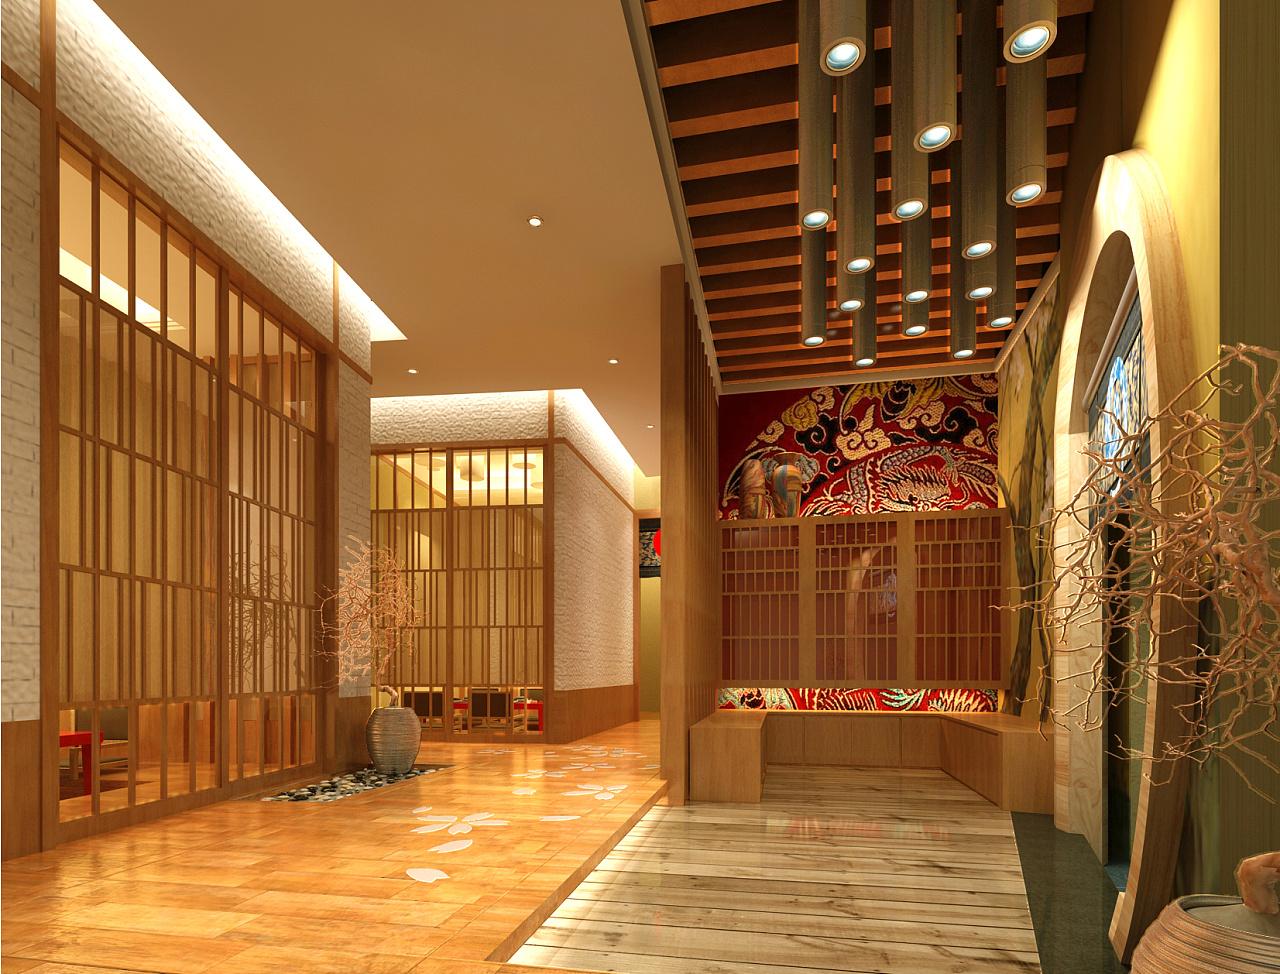 中式技巧空间设计--敕勒川|空间|展示设计|Dou劫的视频小餐饮图片